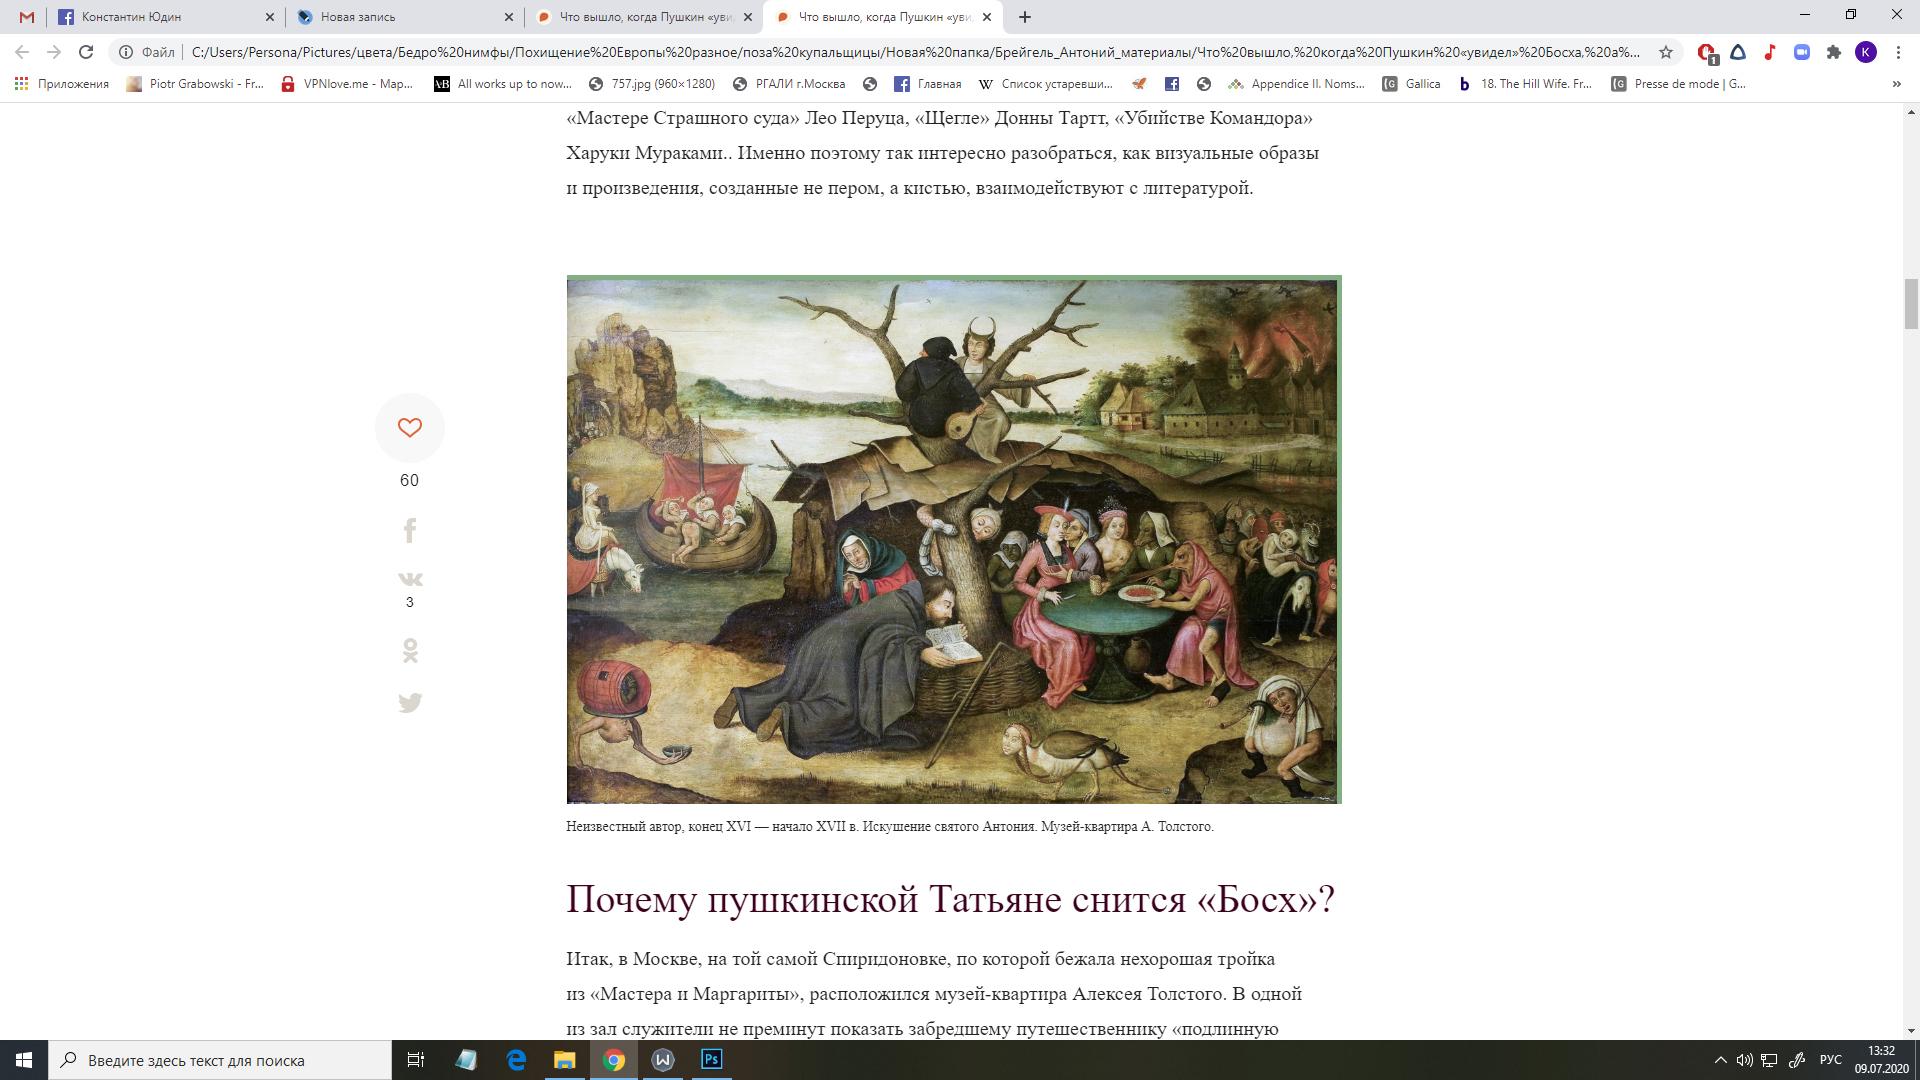 Косякова_скрин_статья1